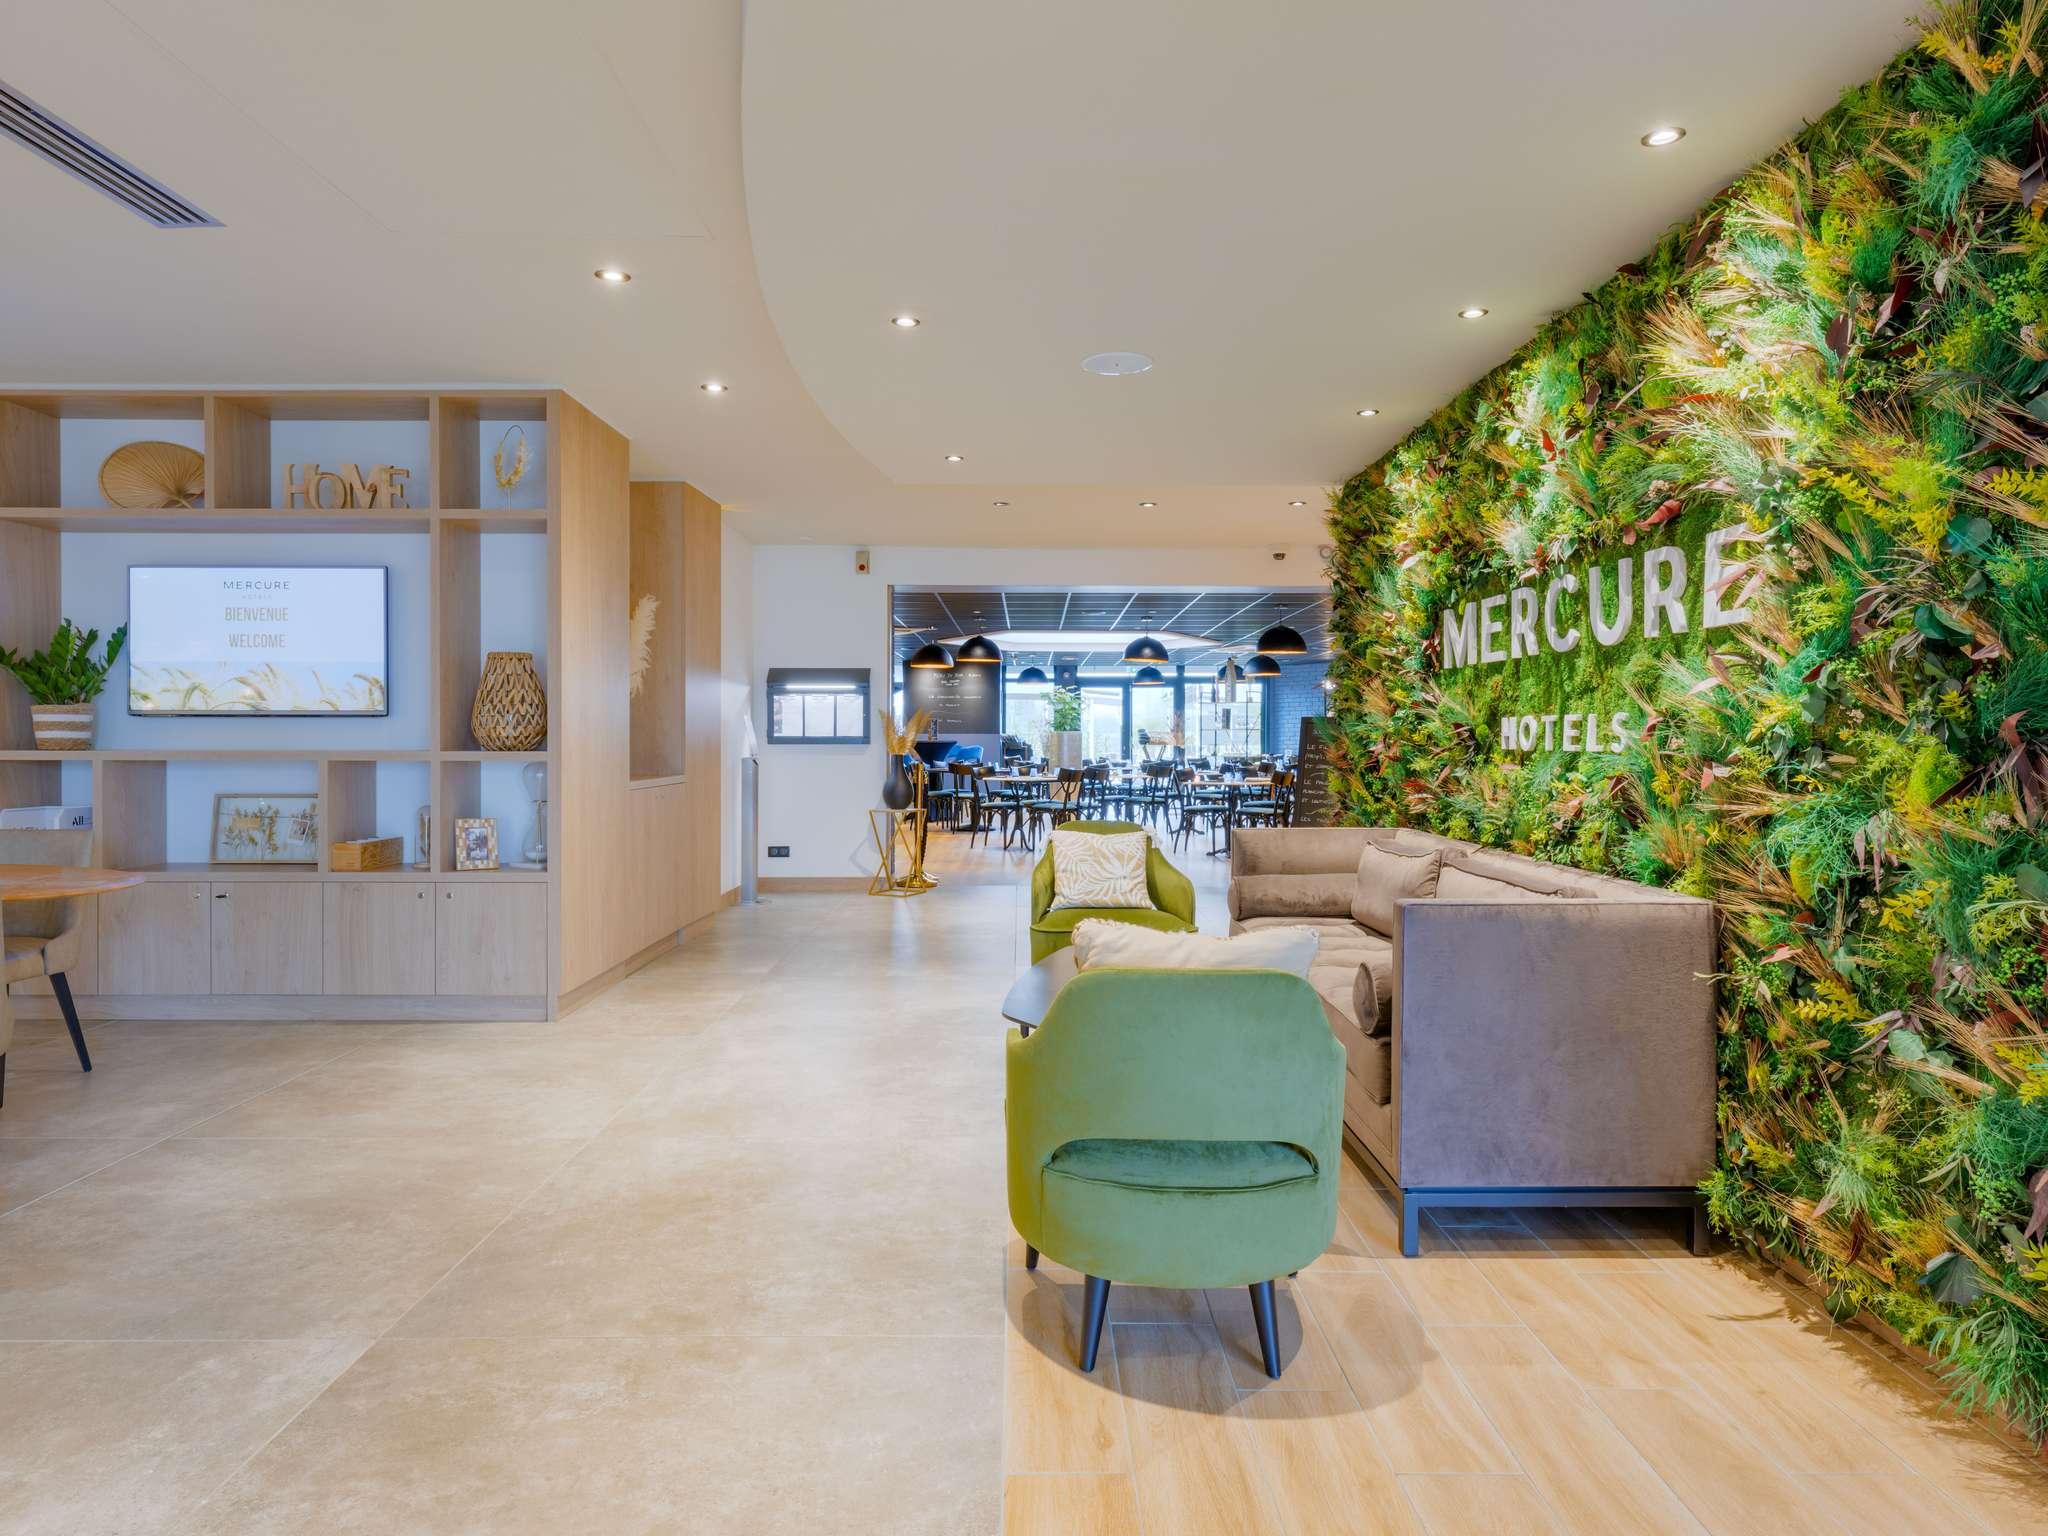 ホテル – メルキュール リヨン リル ダボー ホテル